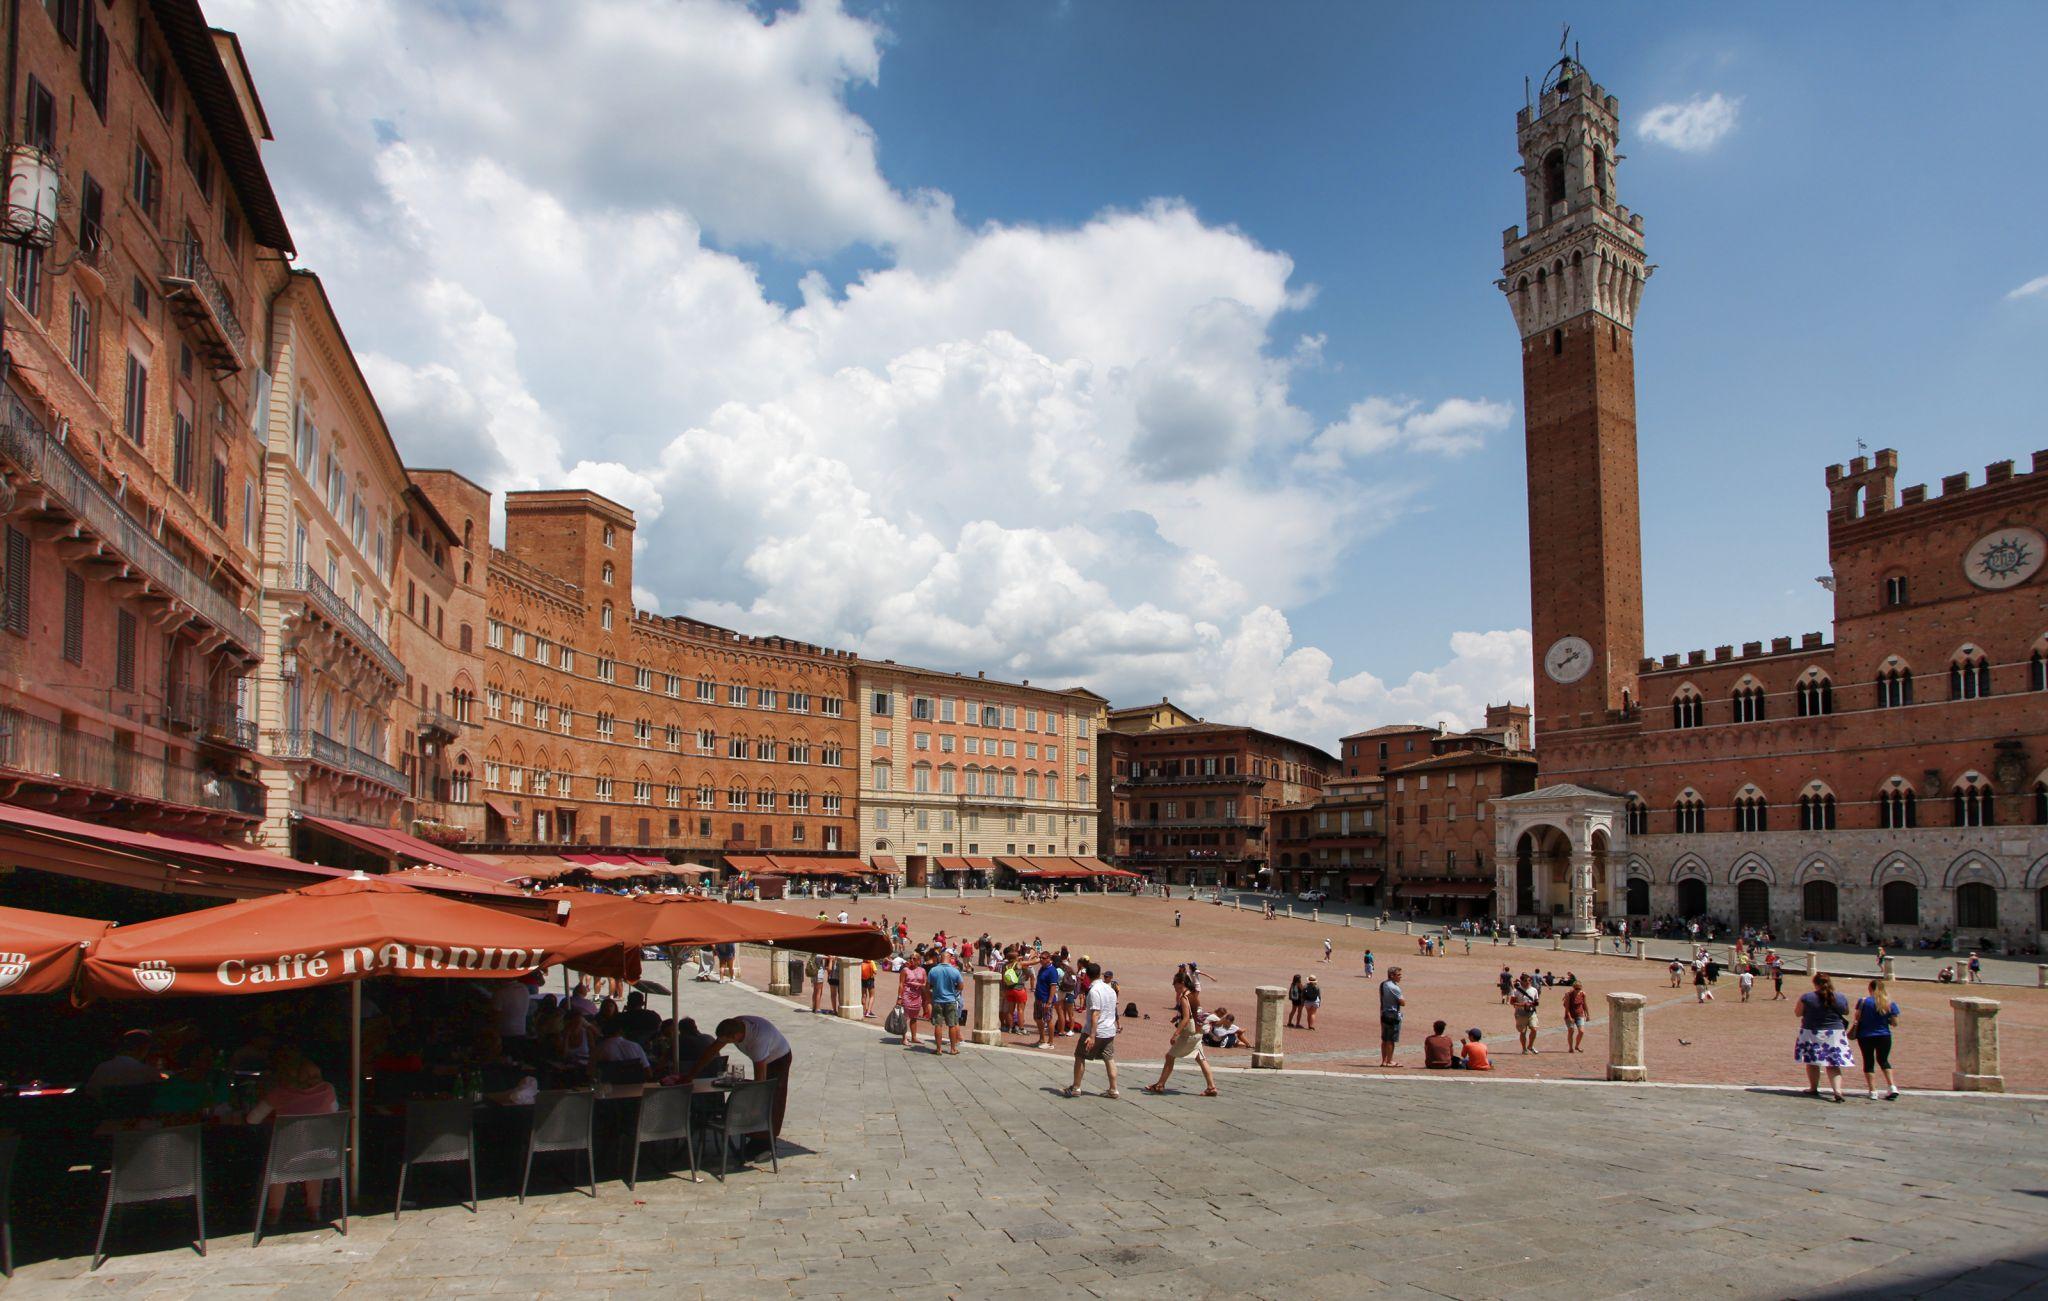 Piazza Il Campo in Italy